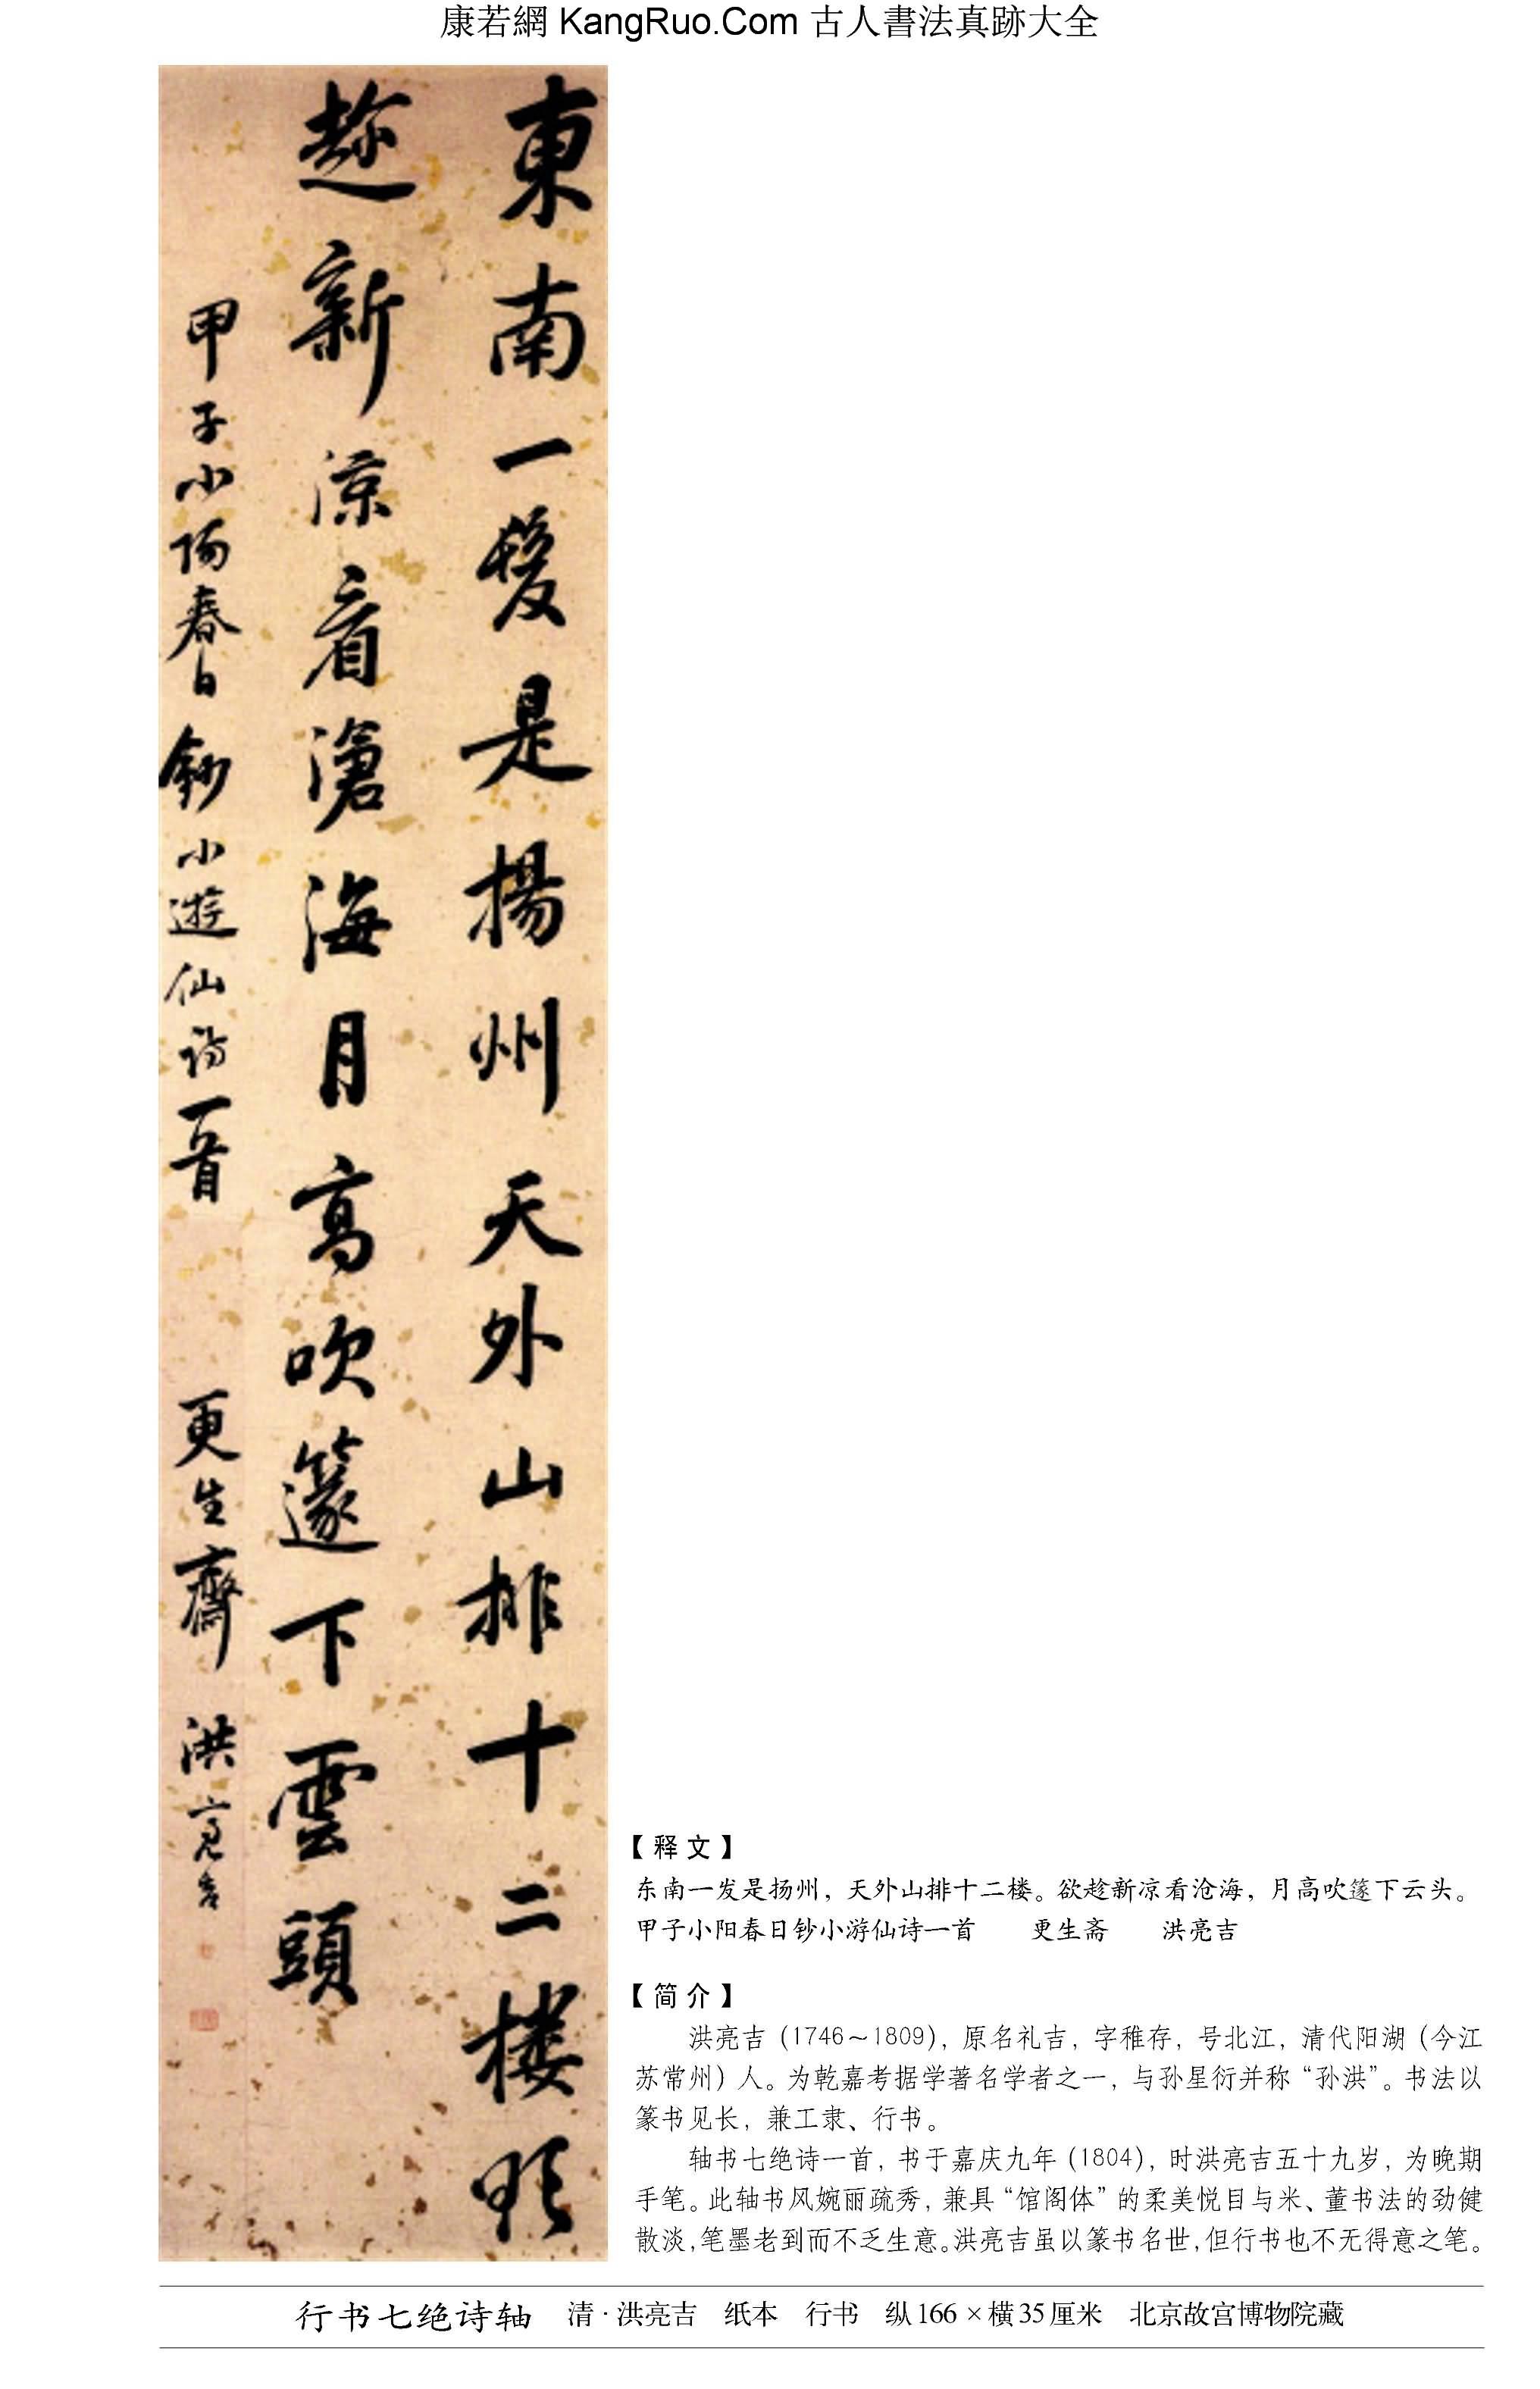 《行書七絕詩軸》書法真跡【清朝·洪亮吉】_00226